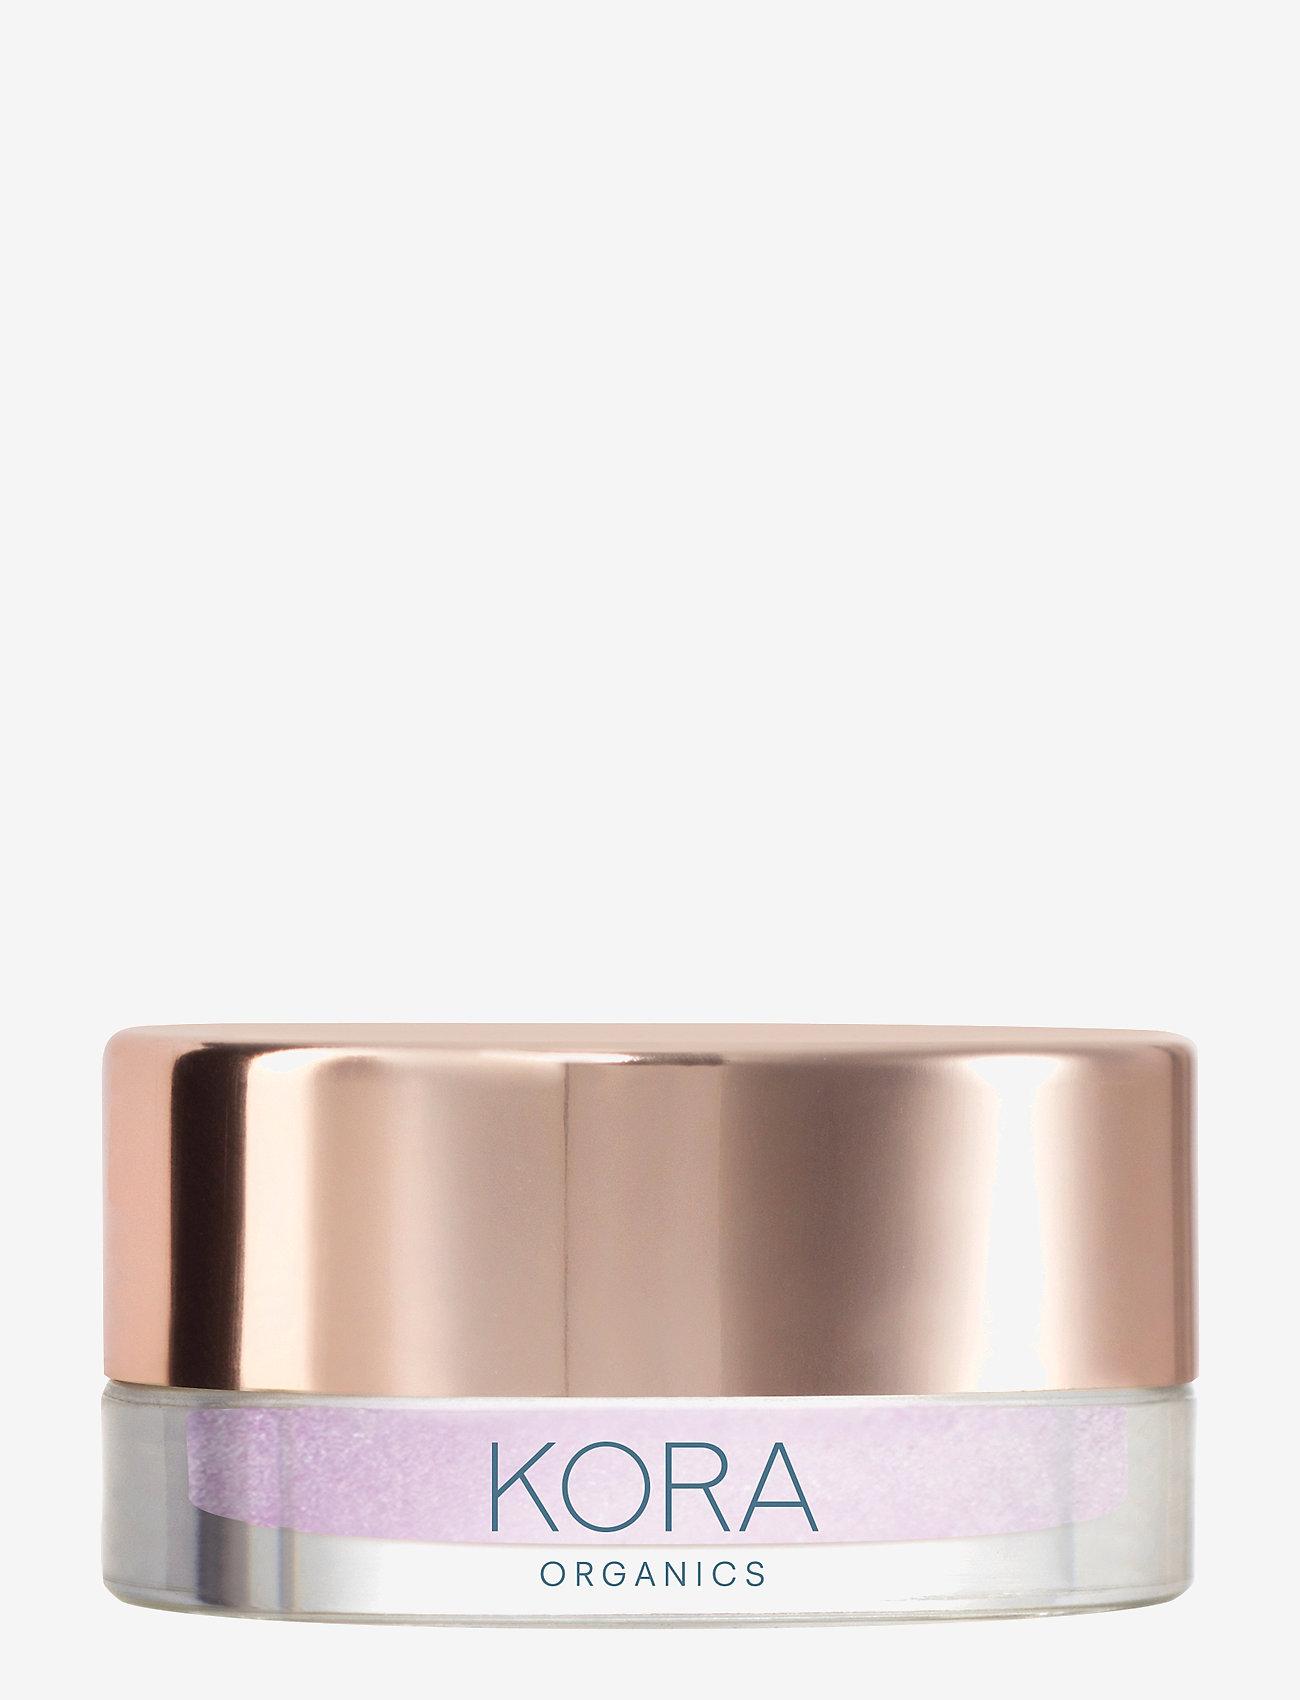 Kora Organics - Amethyst Luminizer - highlighter - amethyst - 0